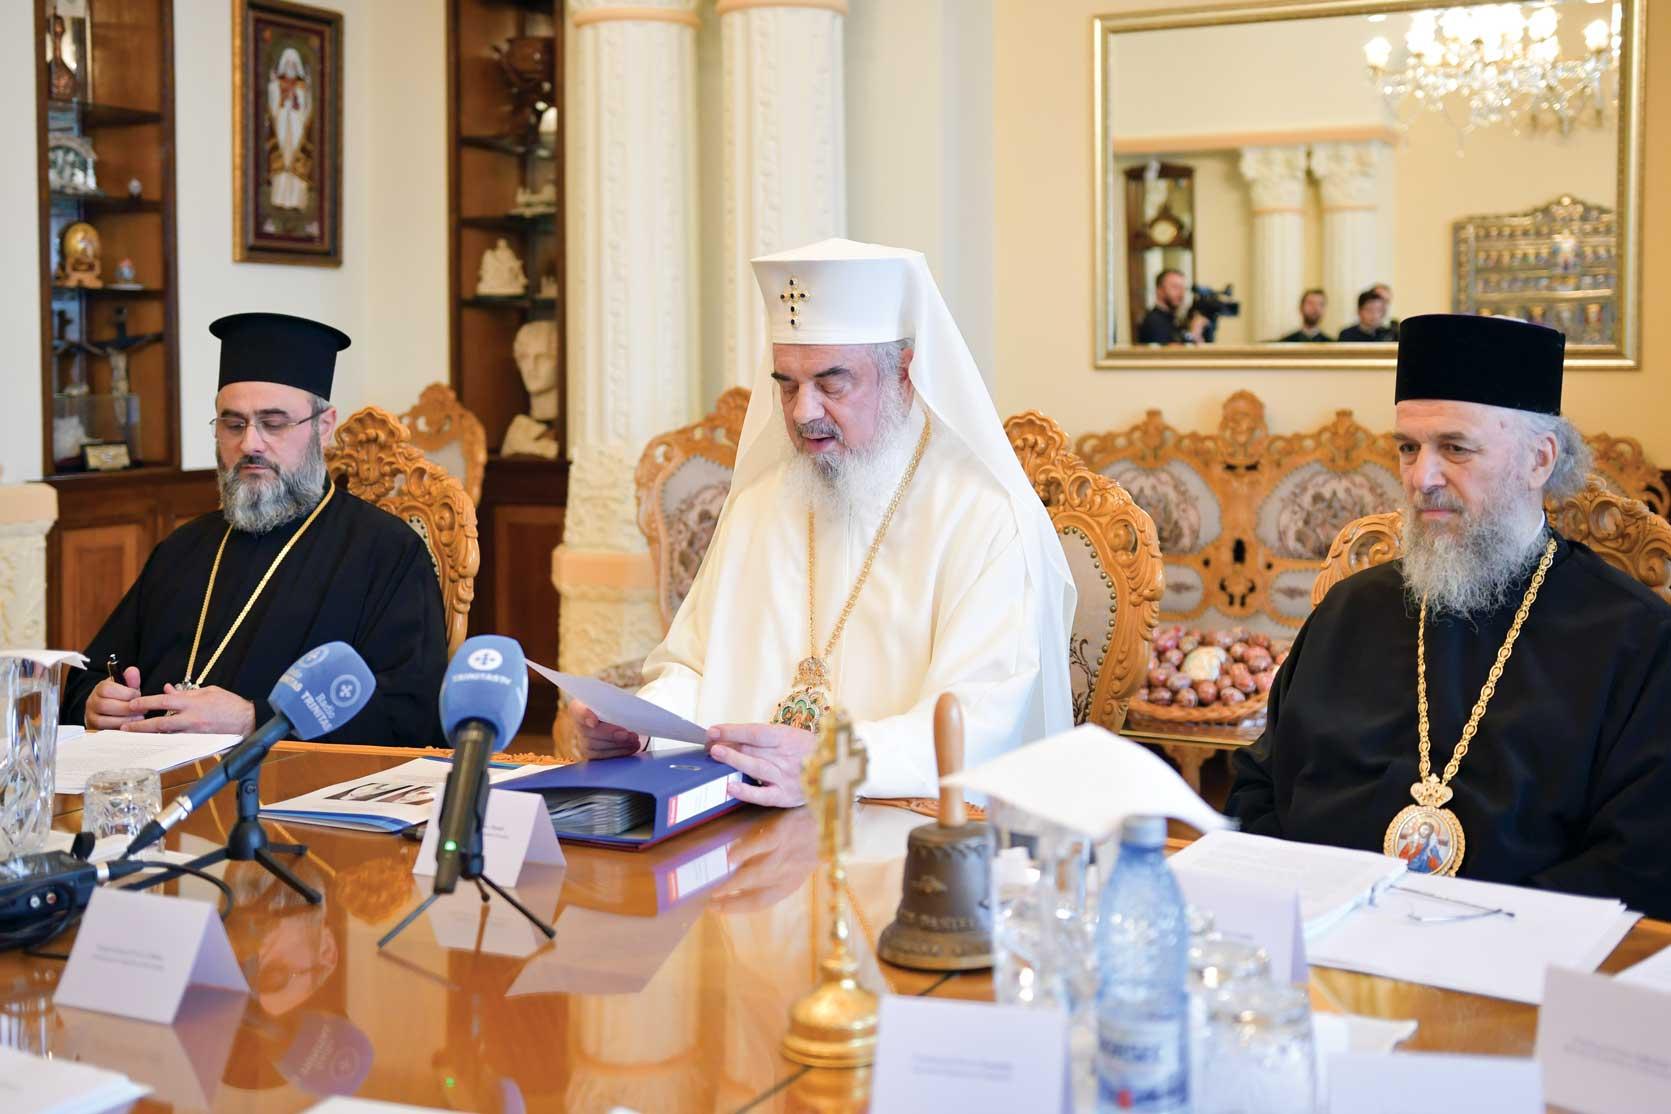 Sinodul Mitropoliei Munteniei și Dobrogei la Reşedinţa Patriarhală